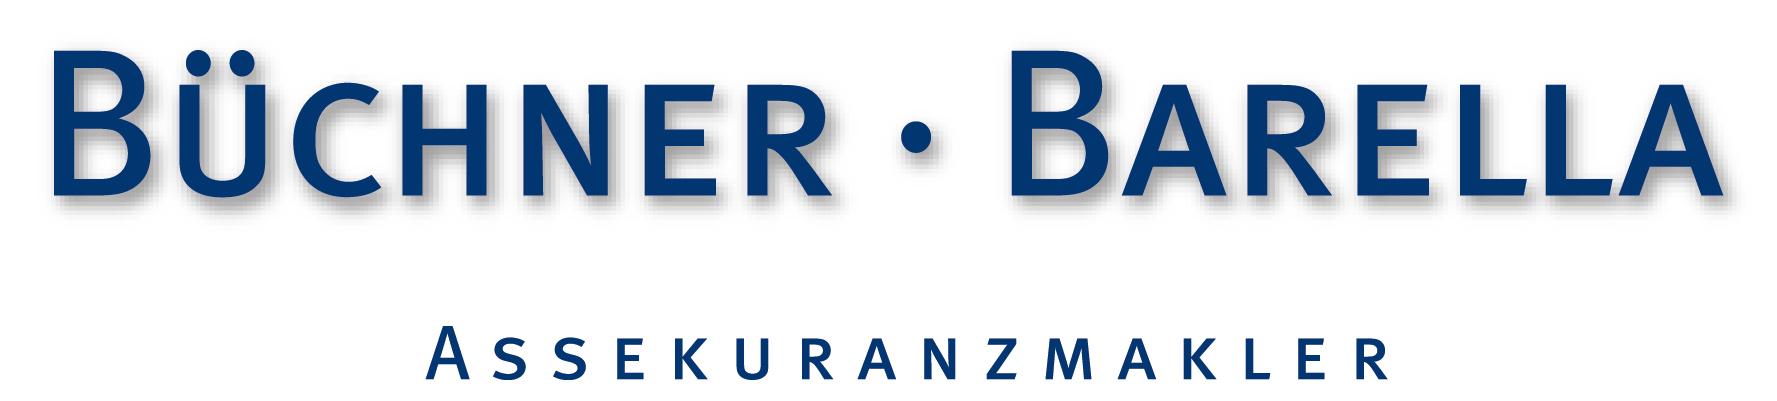 Büchner Barella Assekuranzmakler GmbH